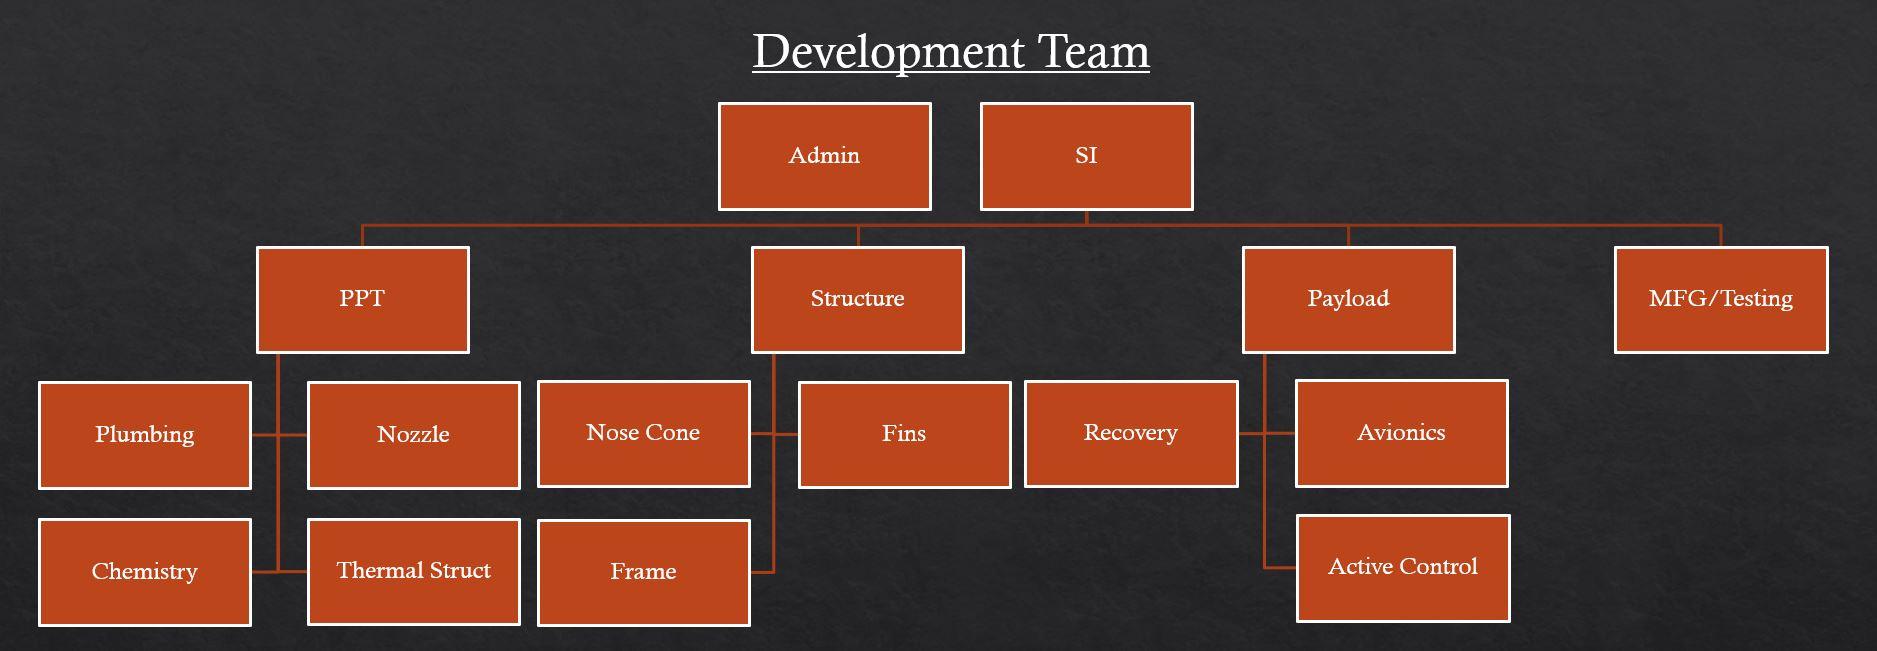 dev team structure.JPG